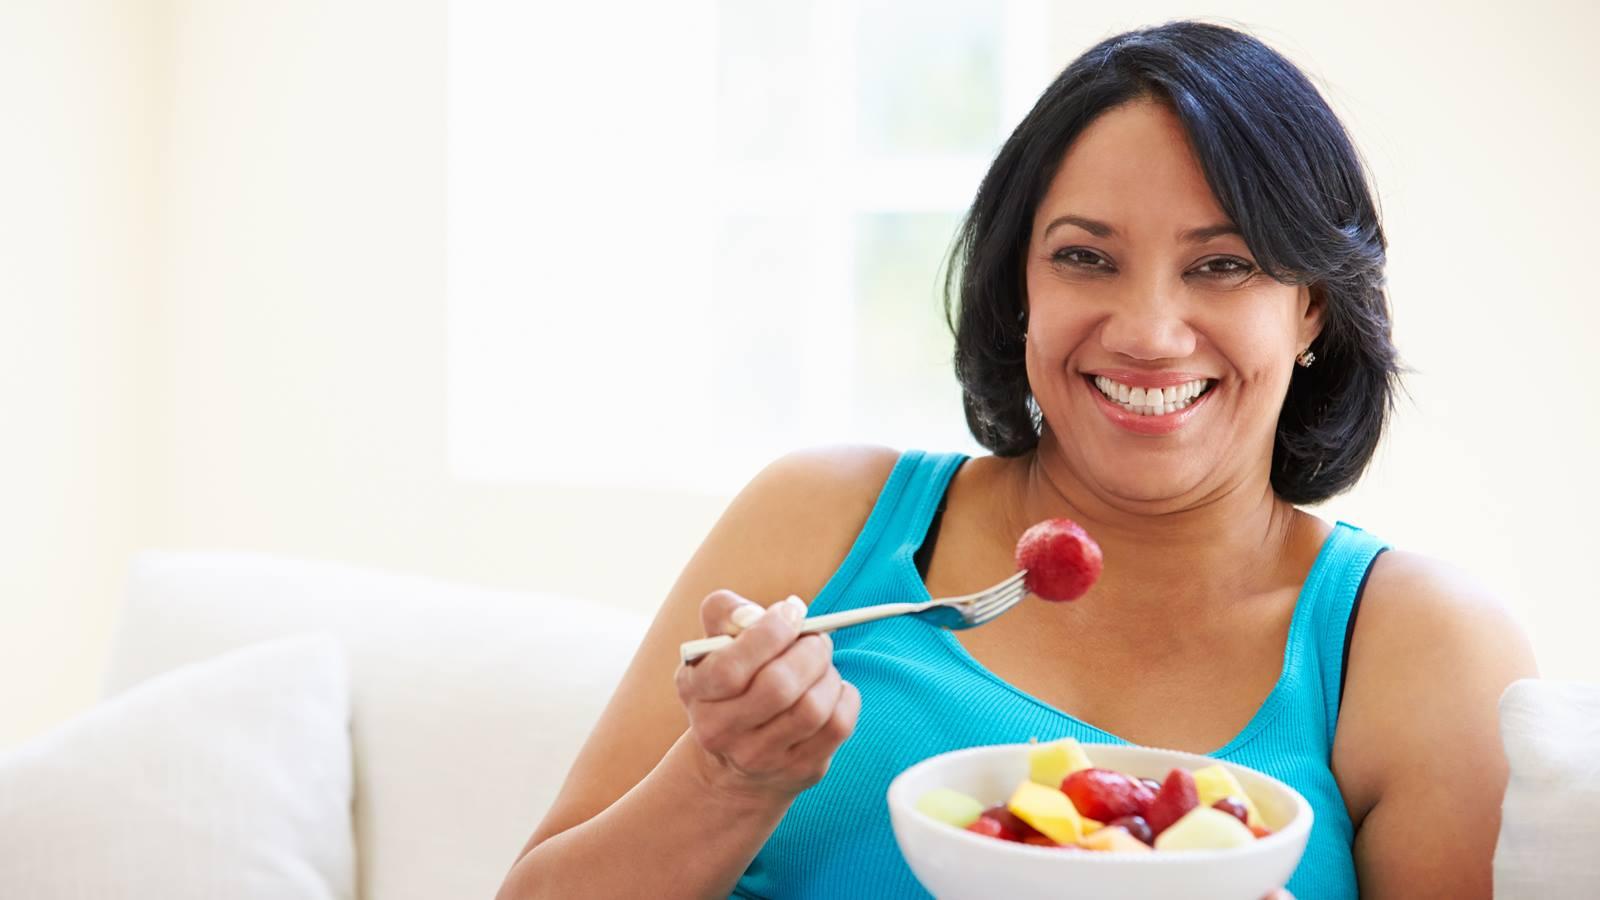 diabetic diet may i eat fruit